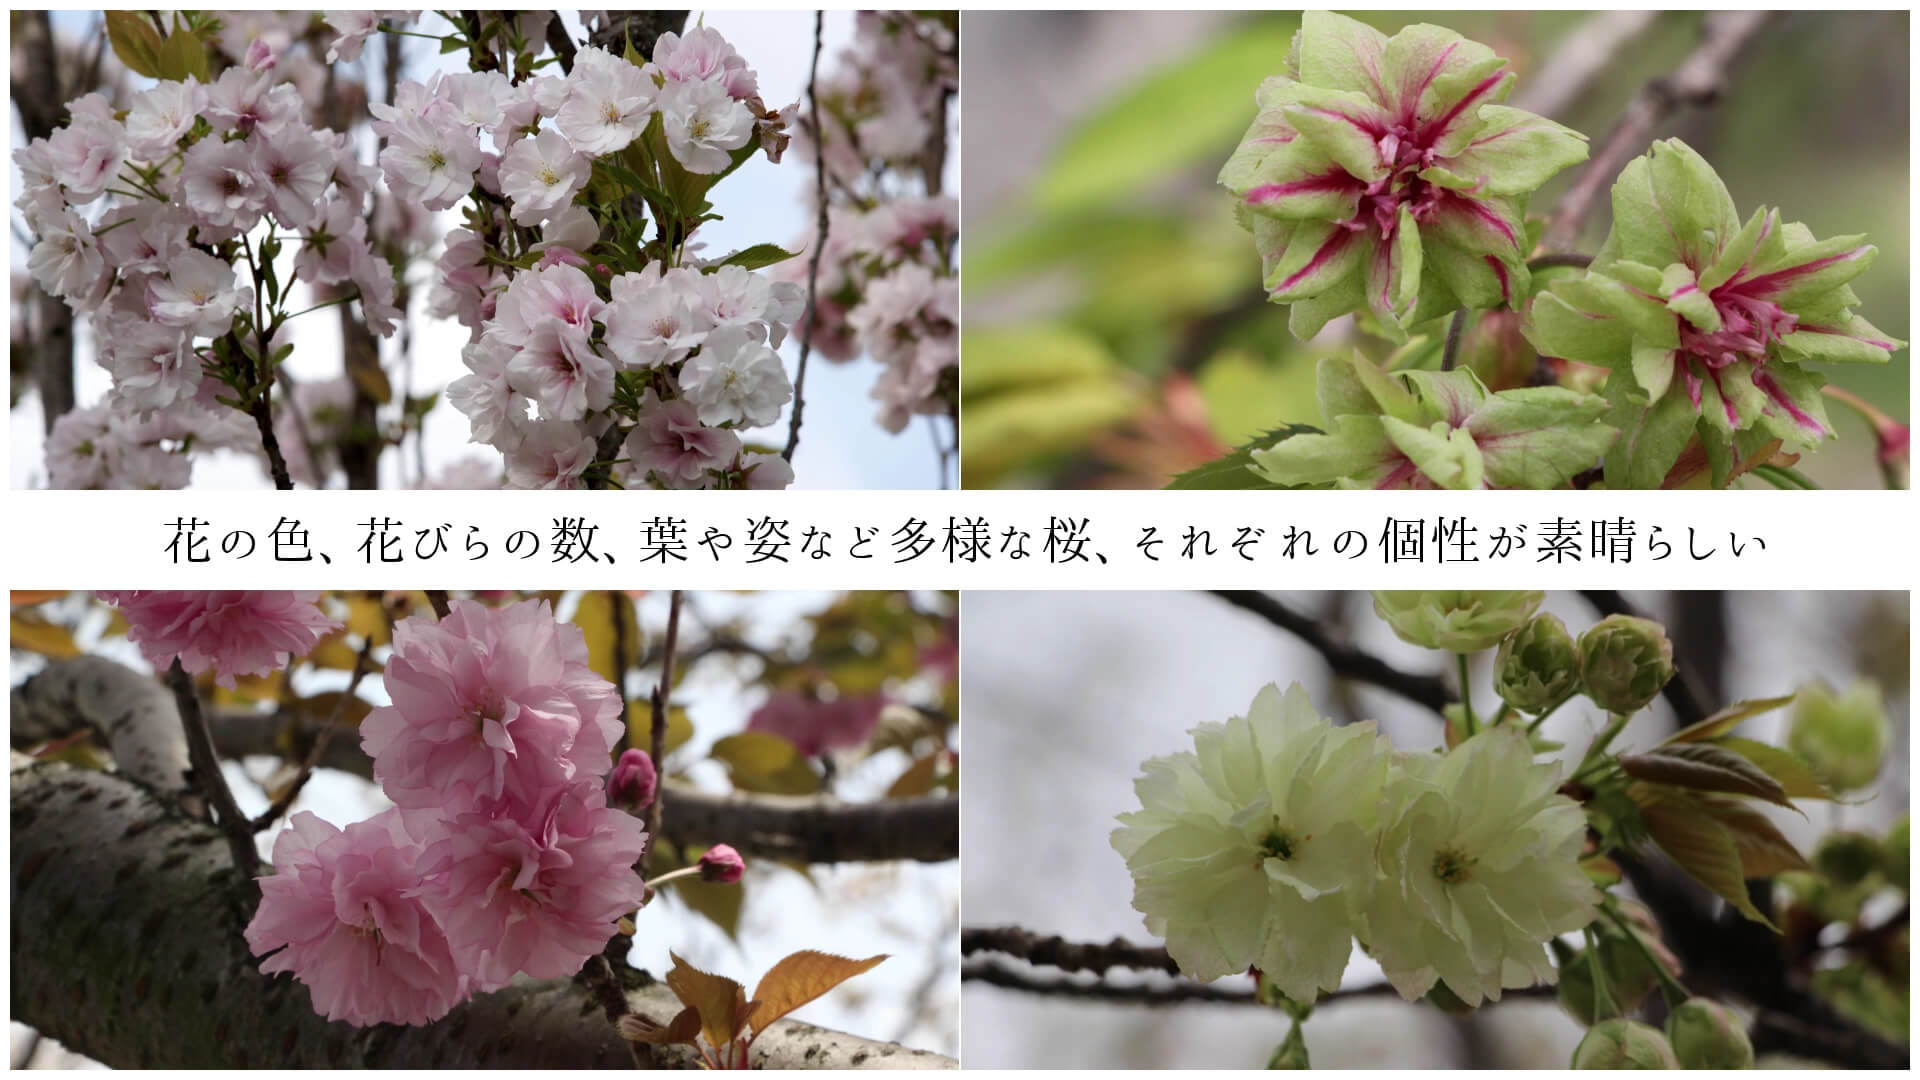 花の色、花びらの数、葉や姿など多様な桜、それぞれの個性が素晴らしい